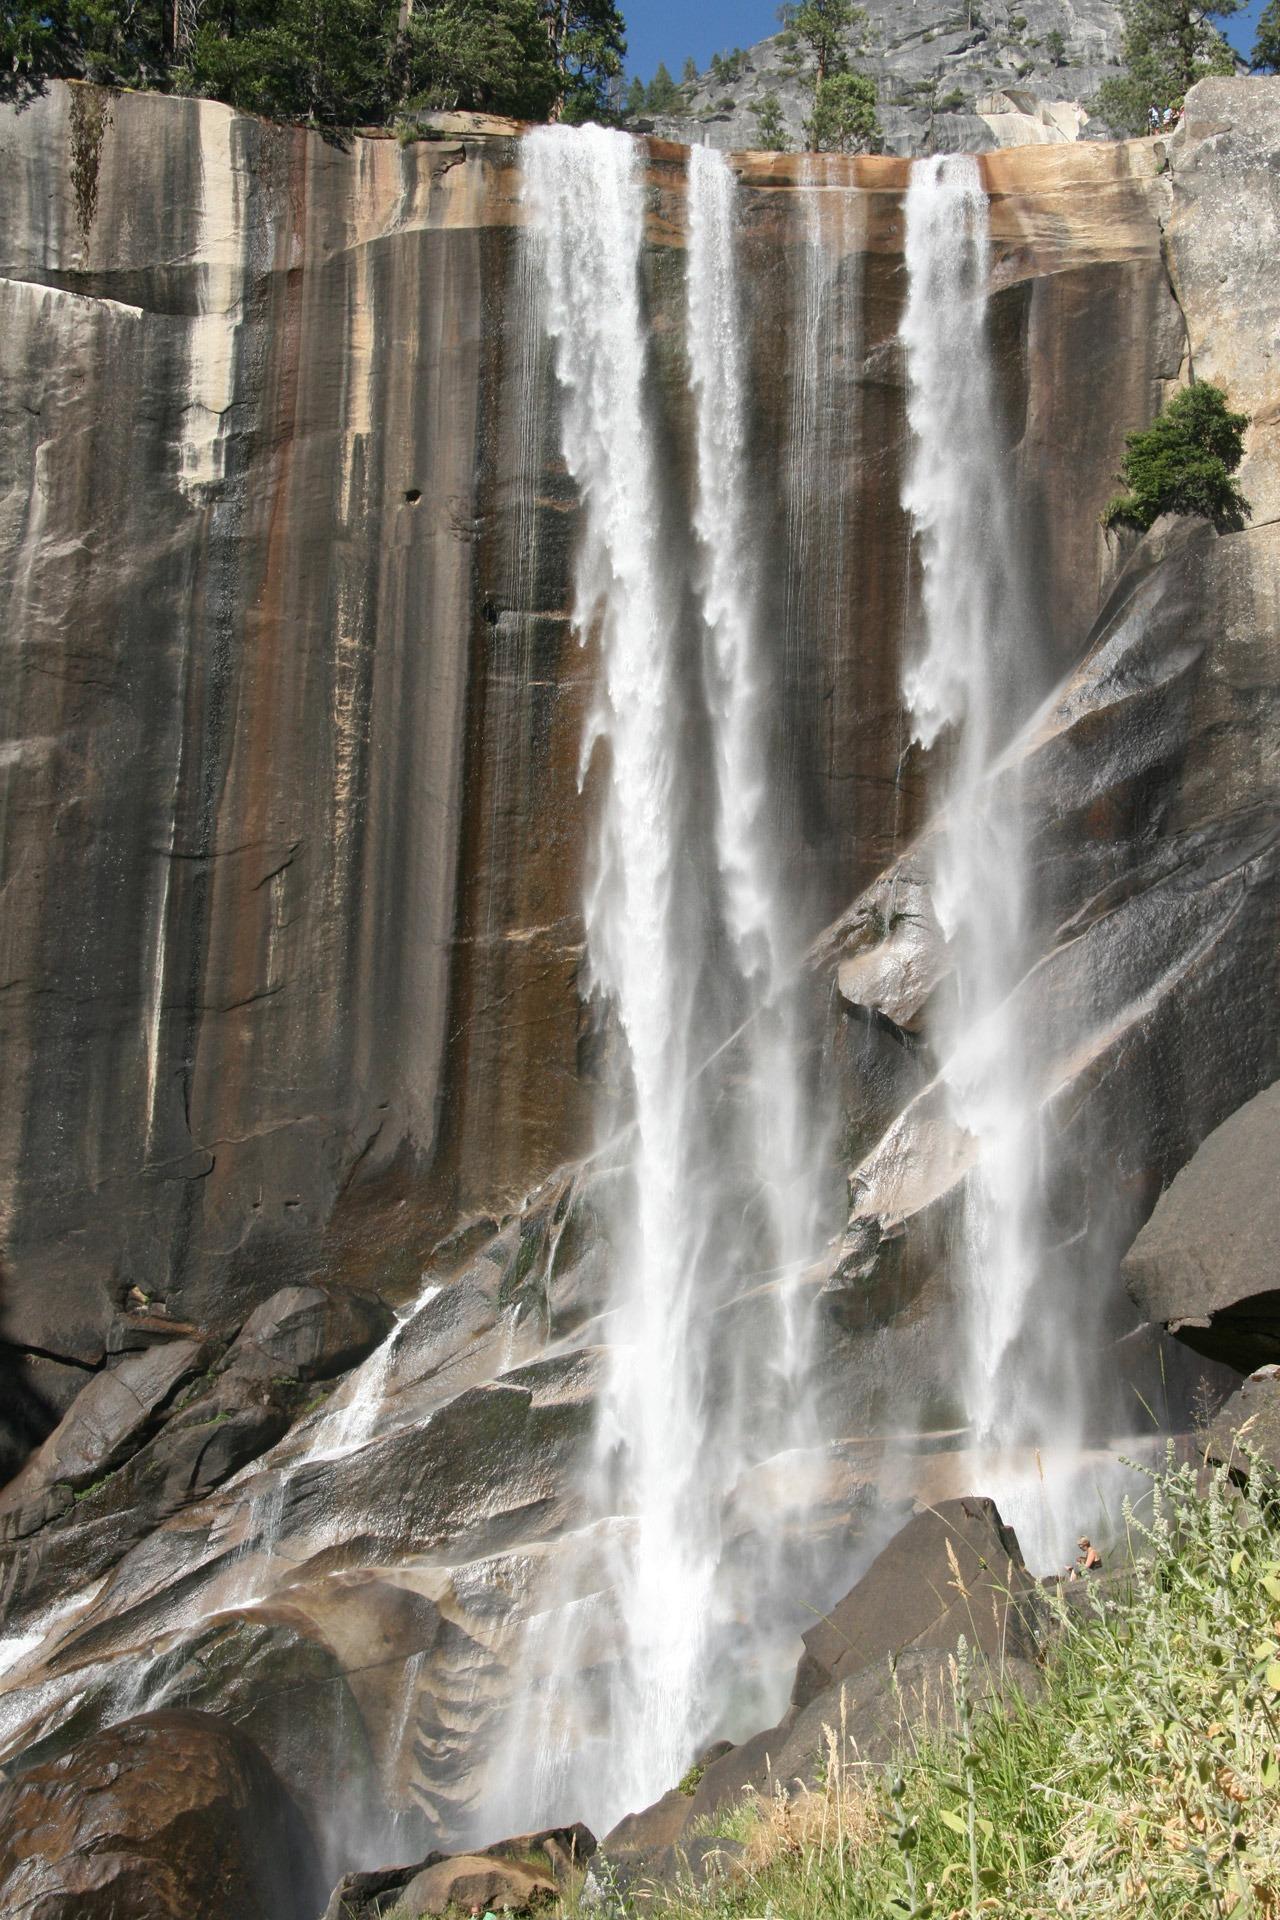 Kostenlose foto : Landschaft, Wasser, Natur, draussen, Wasserfall ...